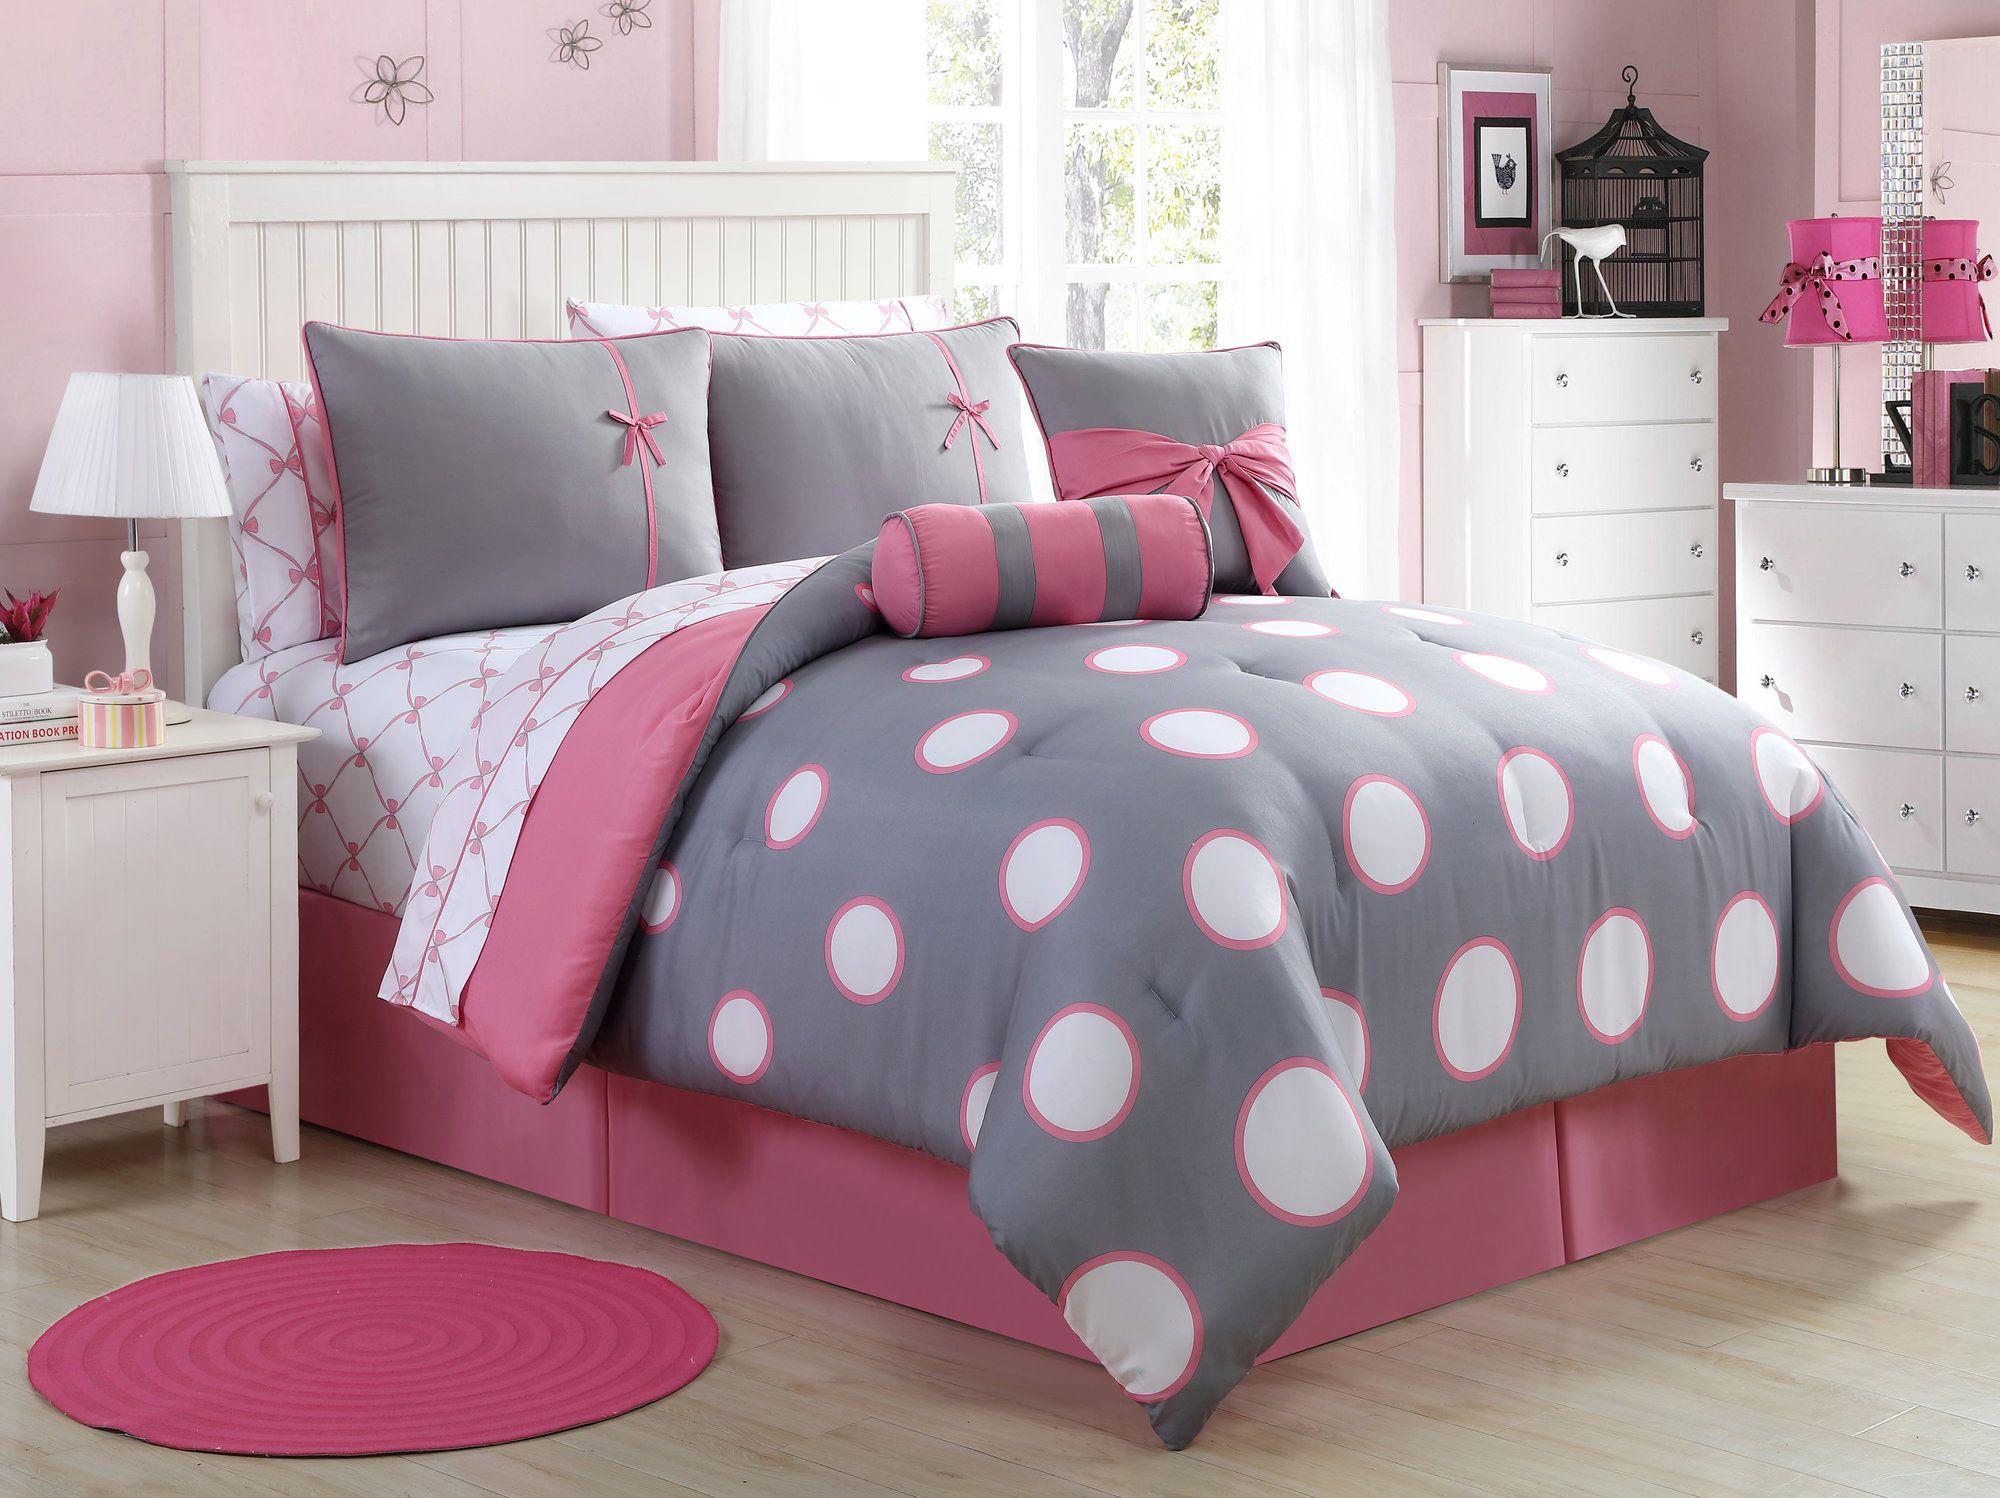 Reversible 2 Side Patterned Polka Dot Or Stripe Bedding Set Duvet Cover Pillow